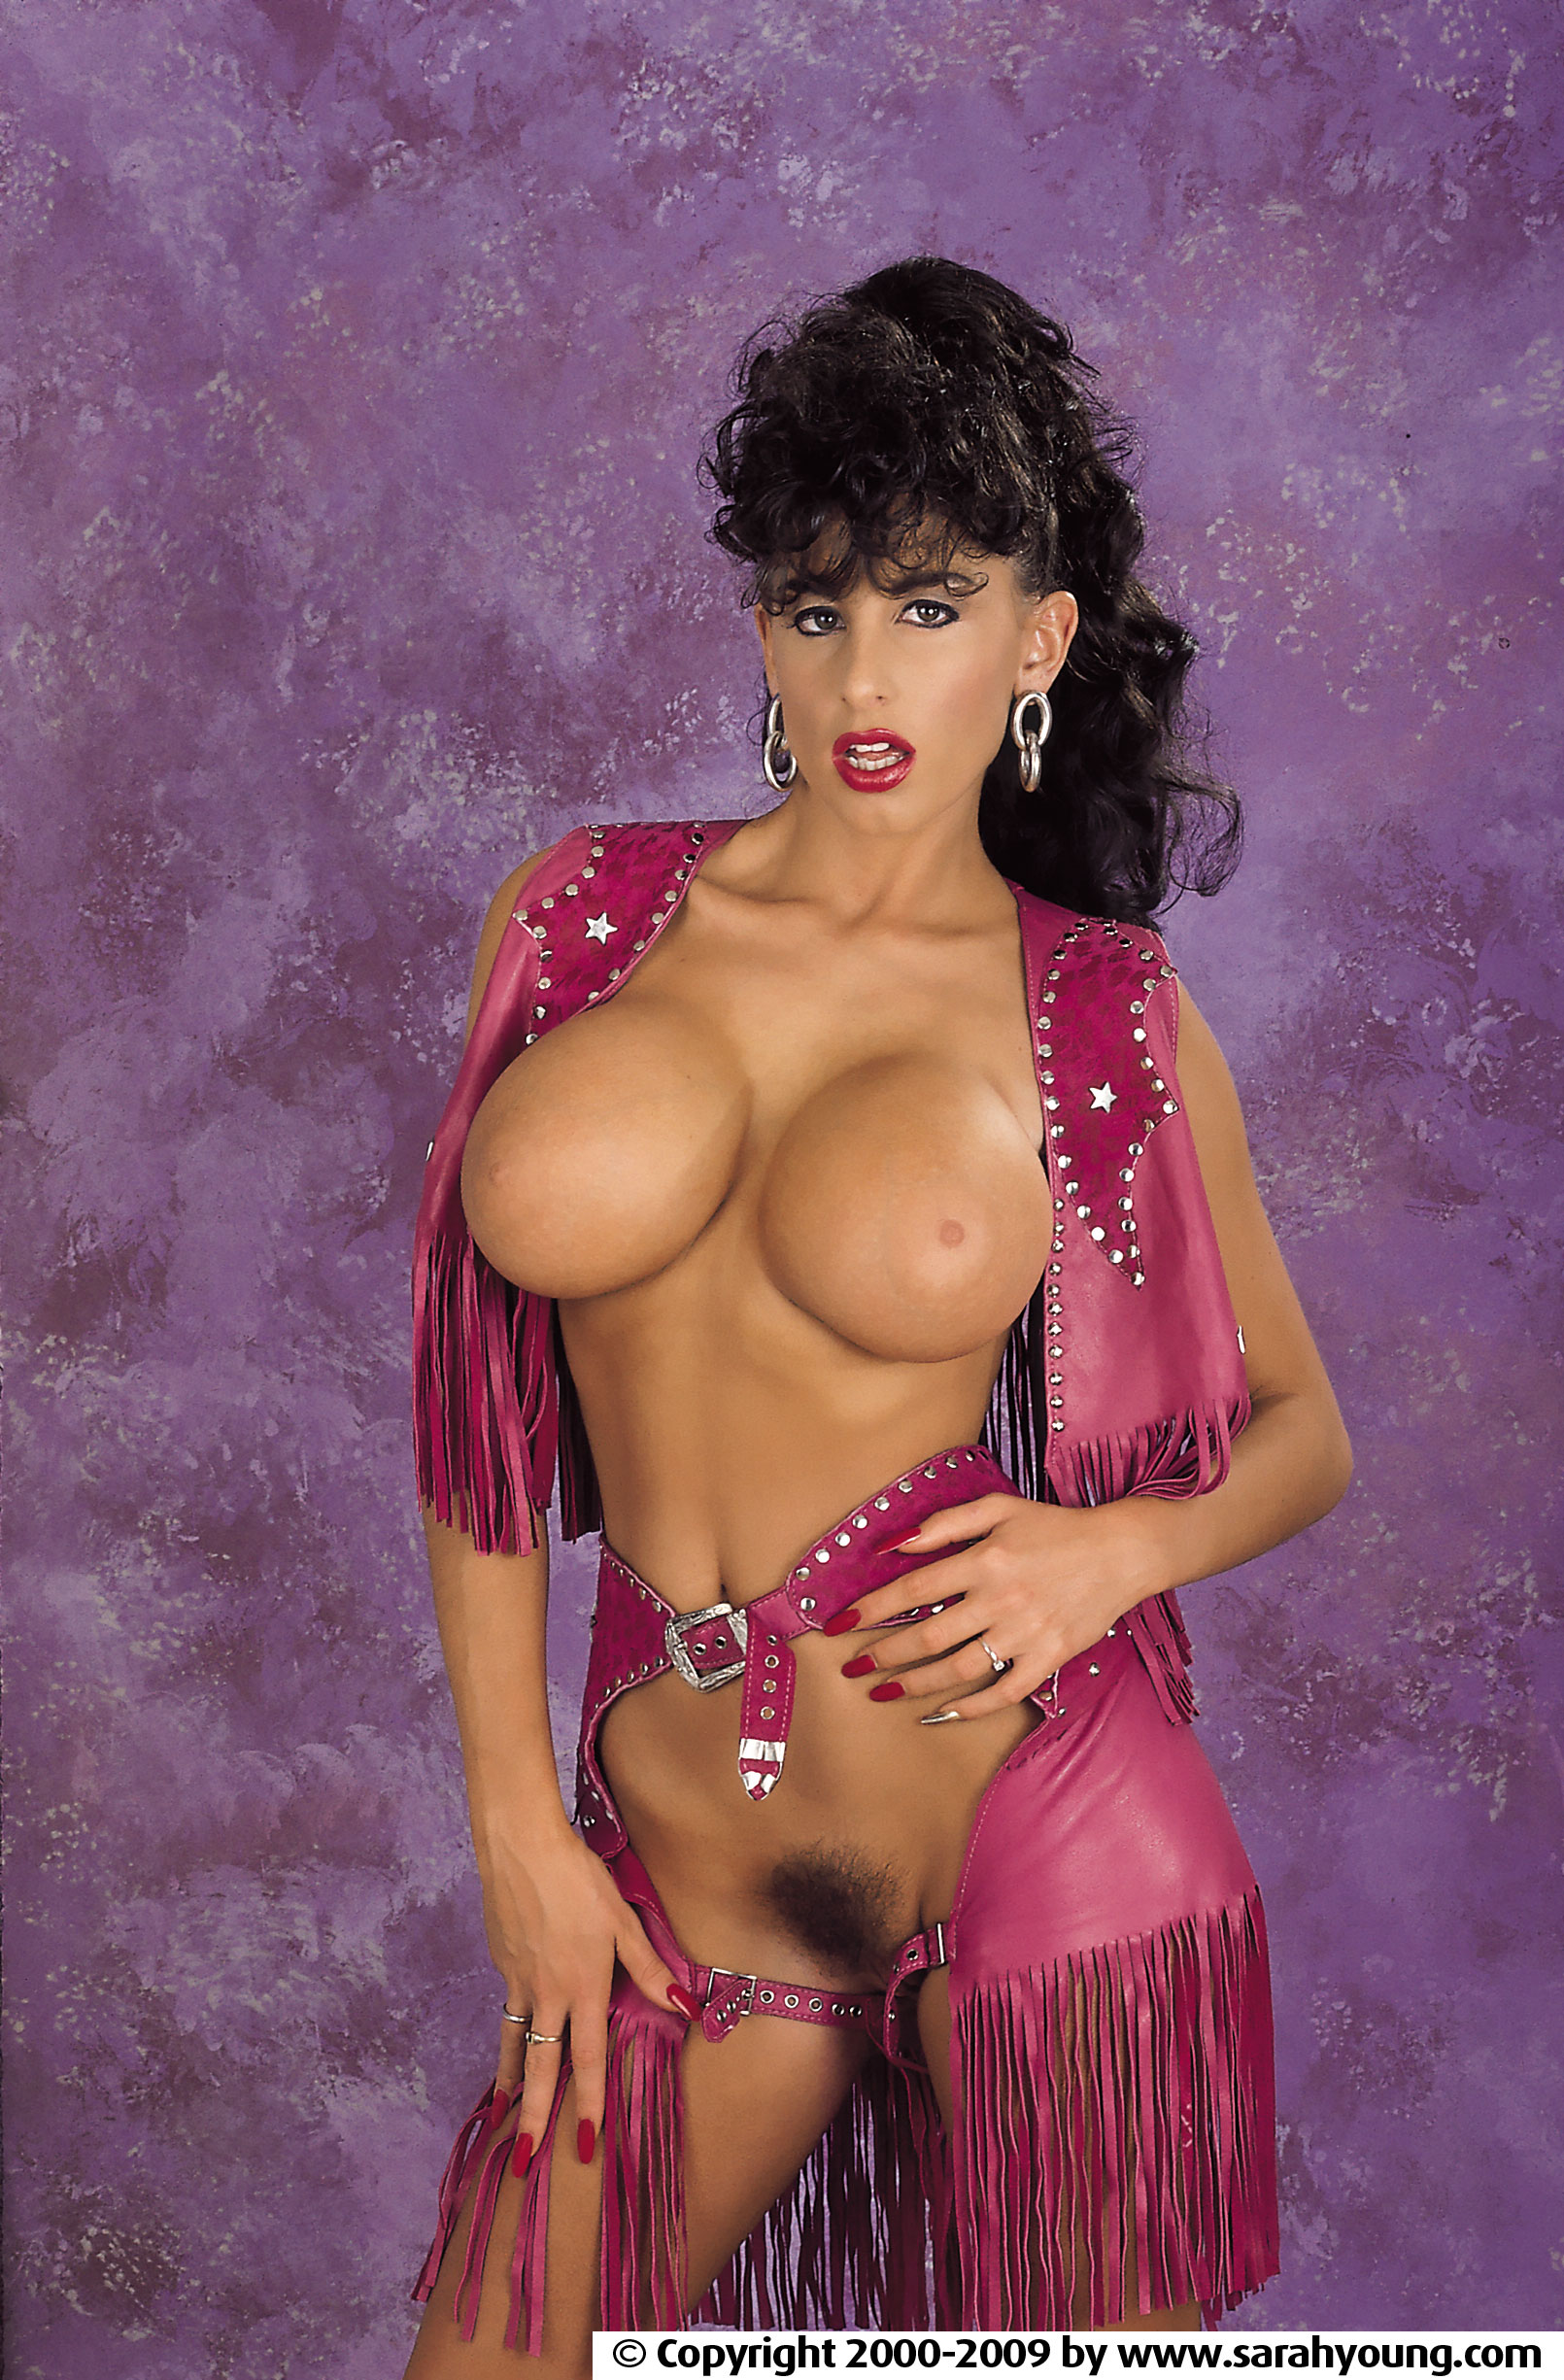 Sarah young naked pics